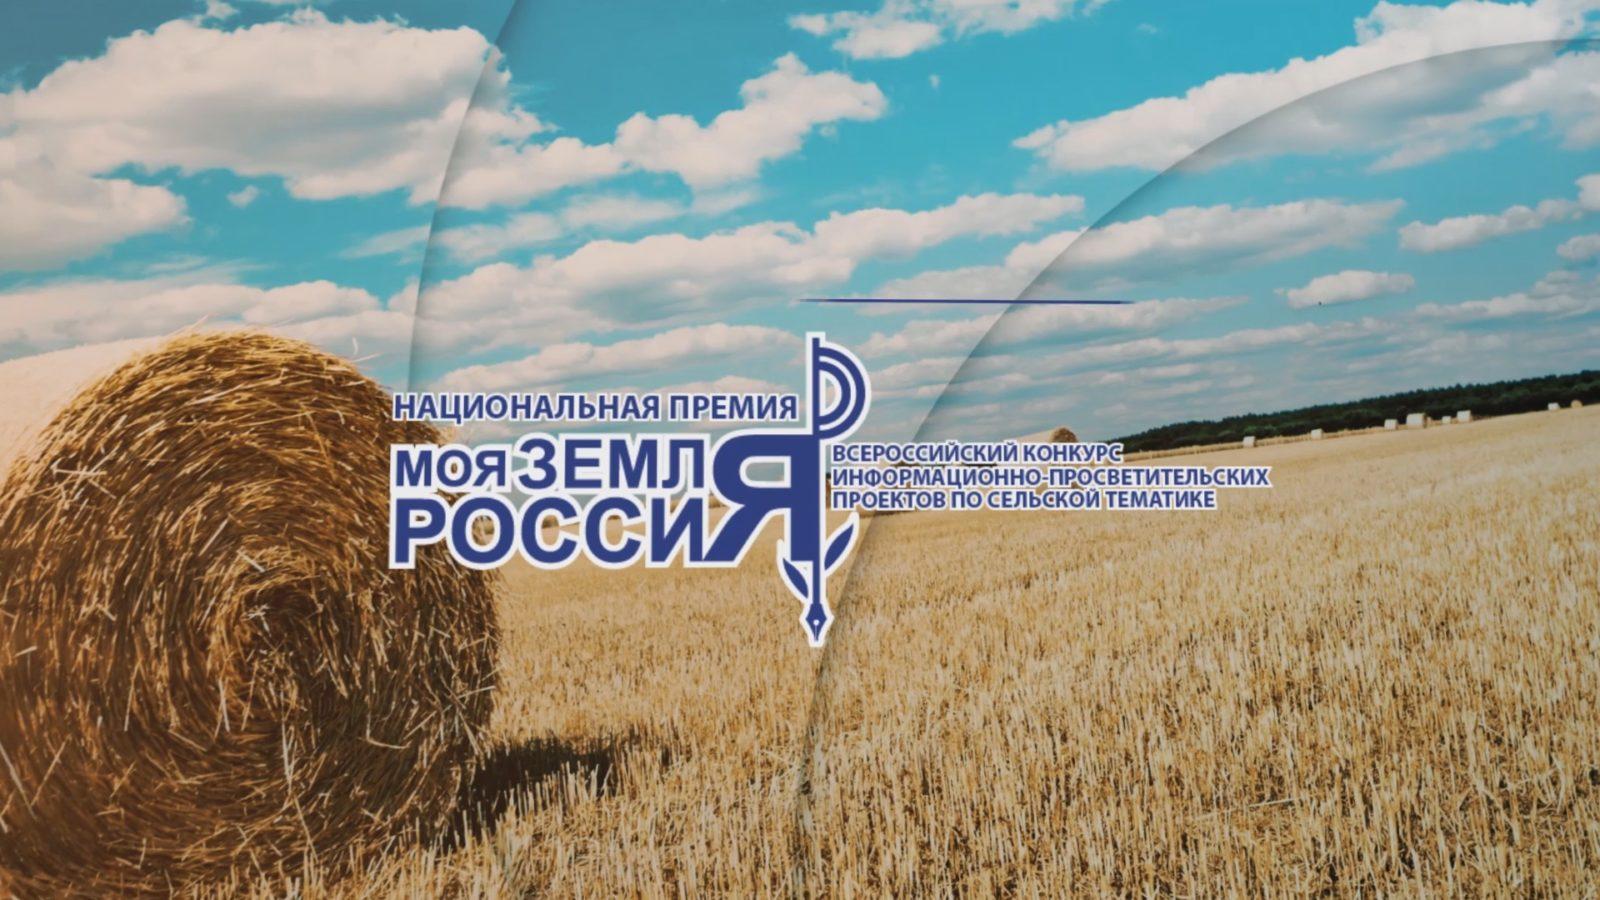 Конкурс информационных проектов «Моя земля – Россия».